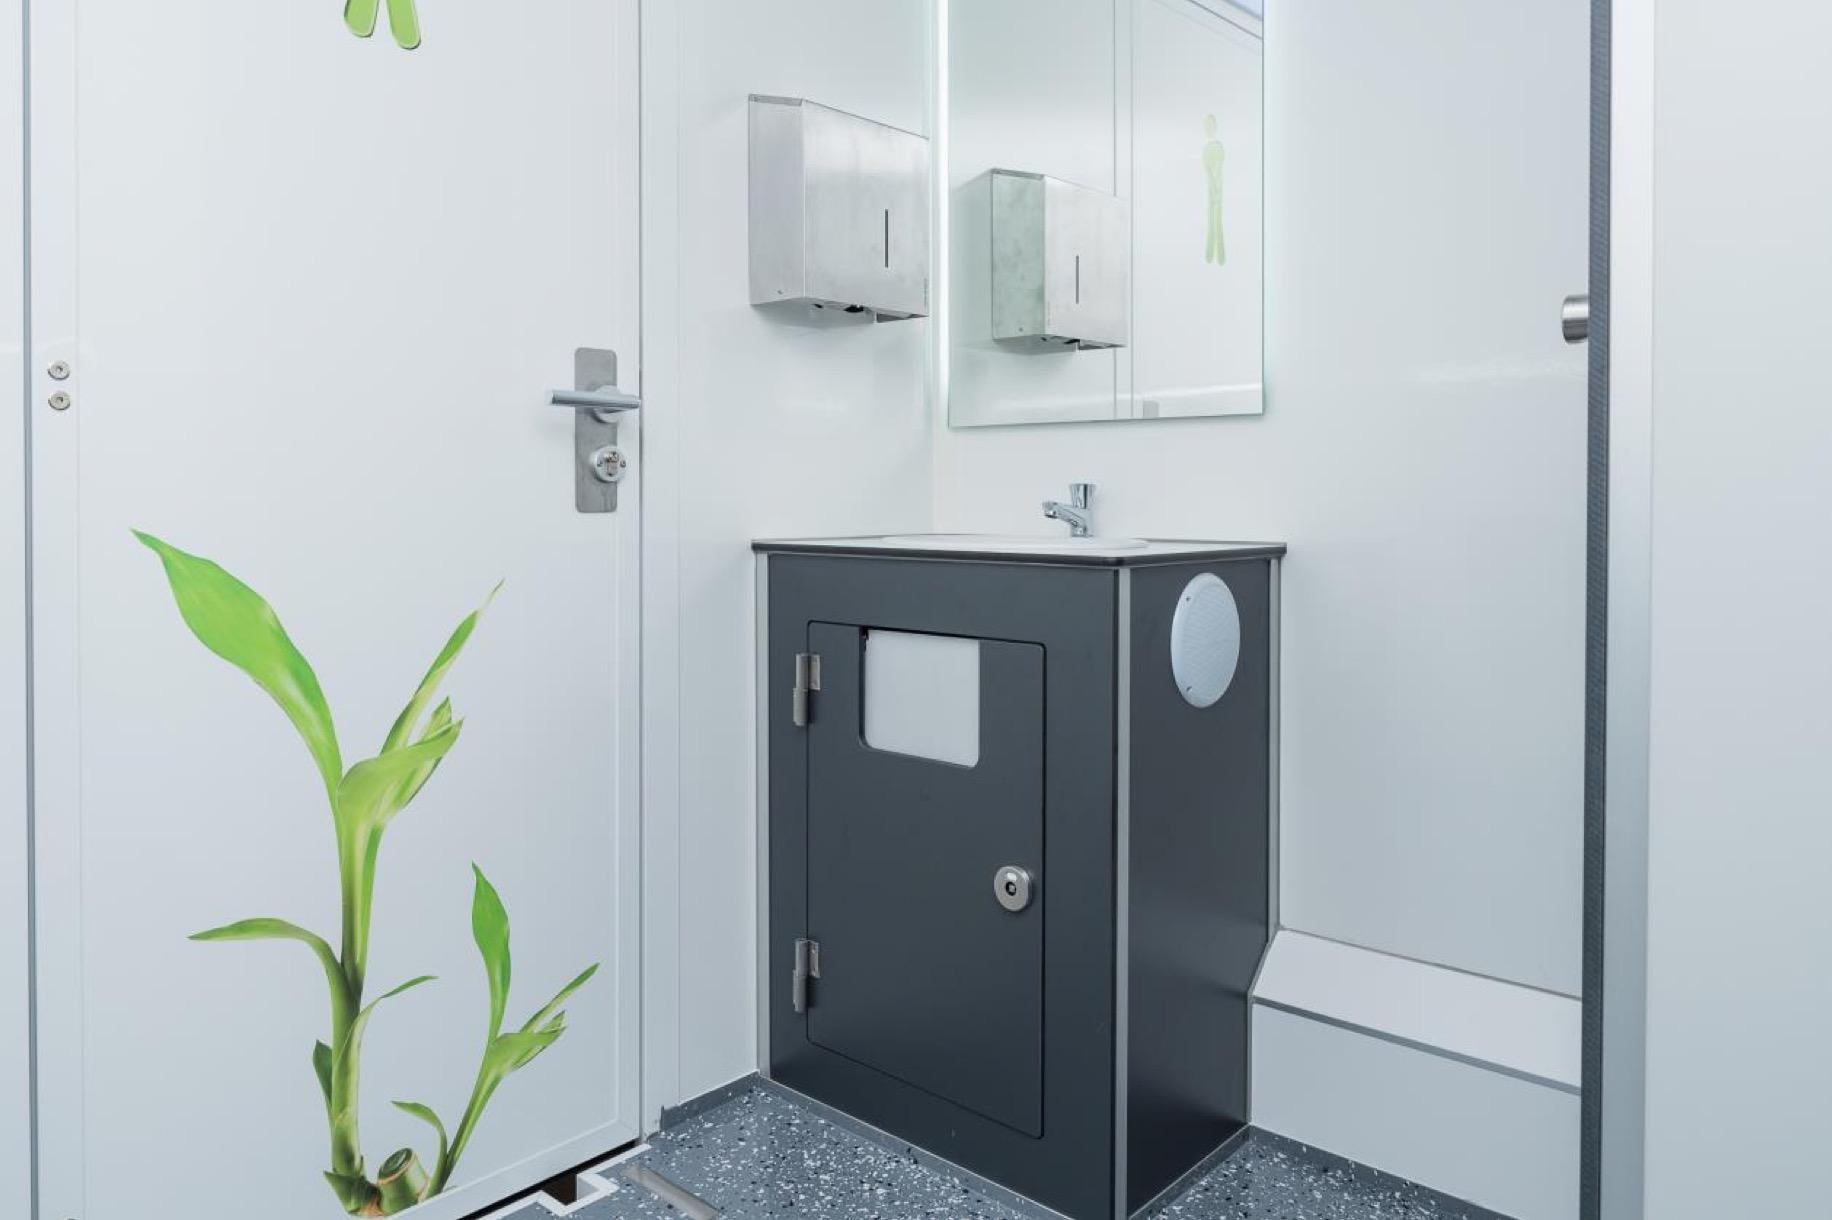 Cabina Bagno Chimico : Bagni mobili e bagni chimici noleggio trasporto e montaggio